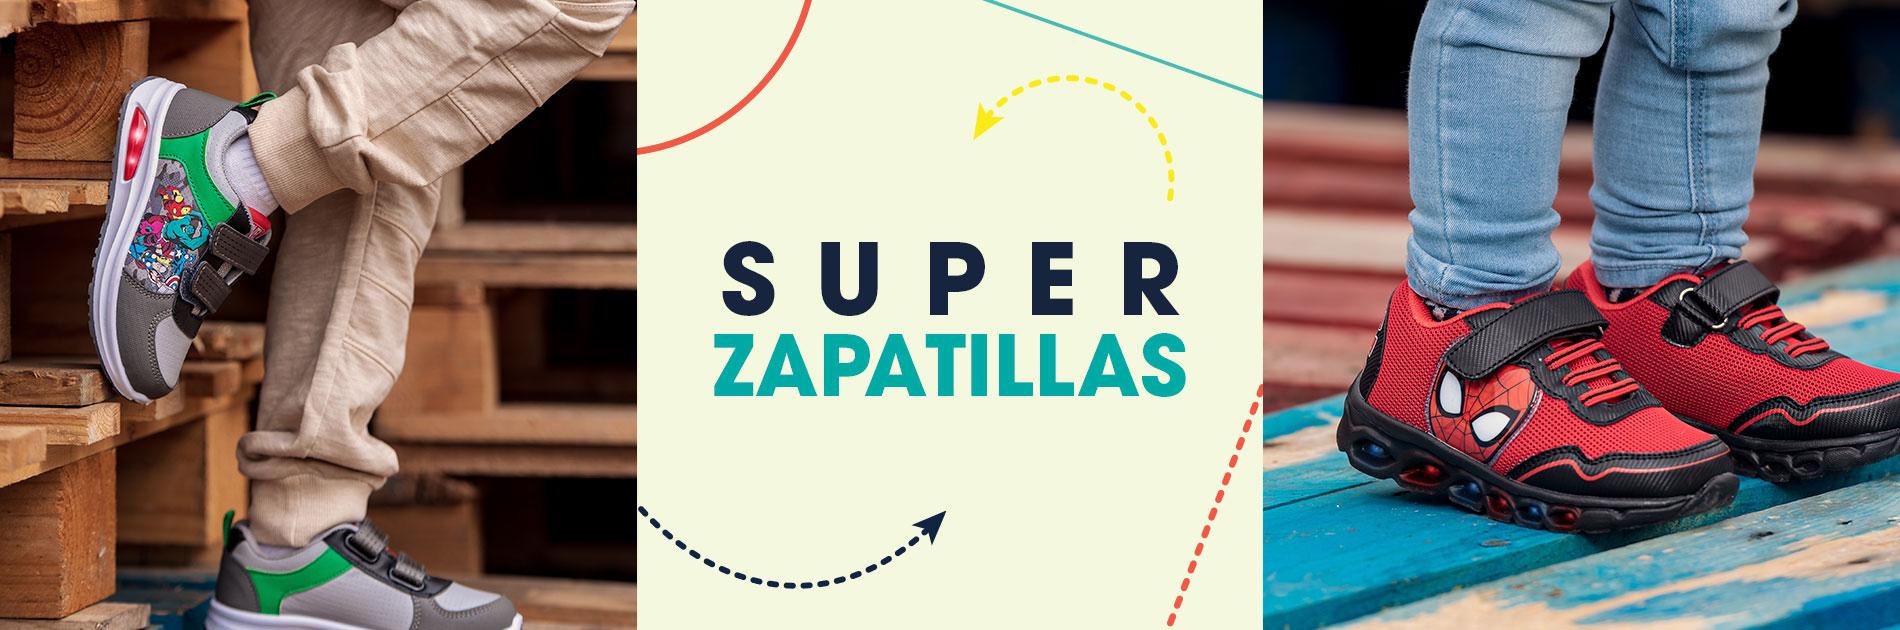 Supermoments - Calzado